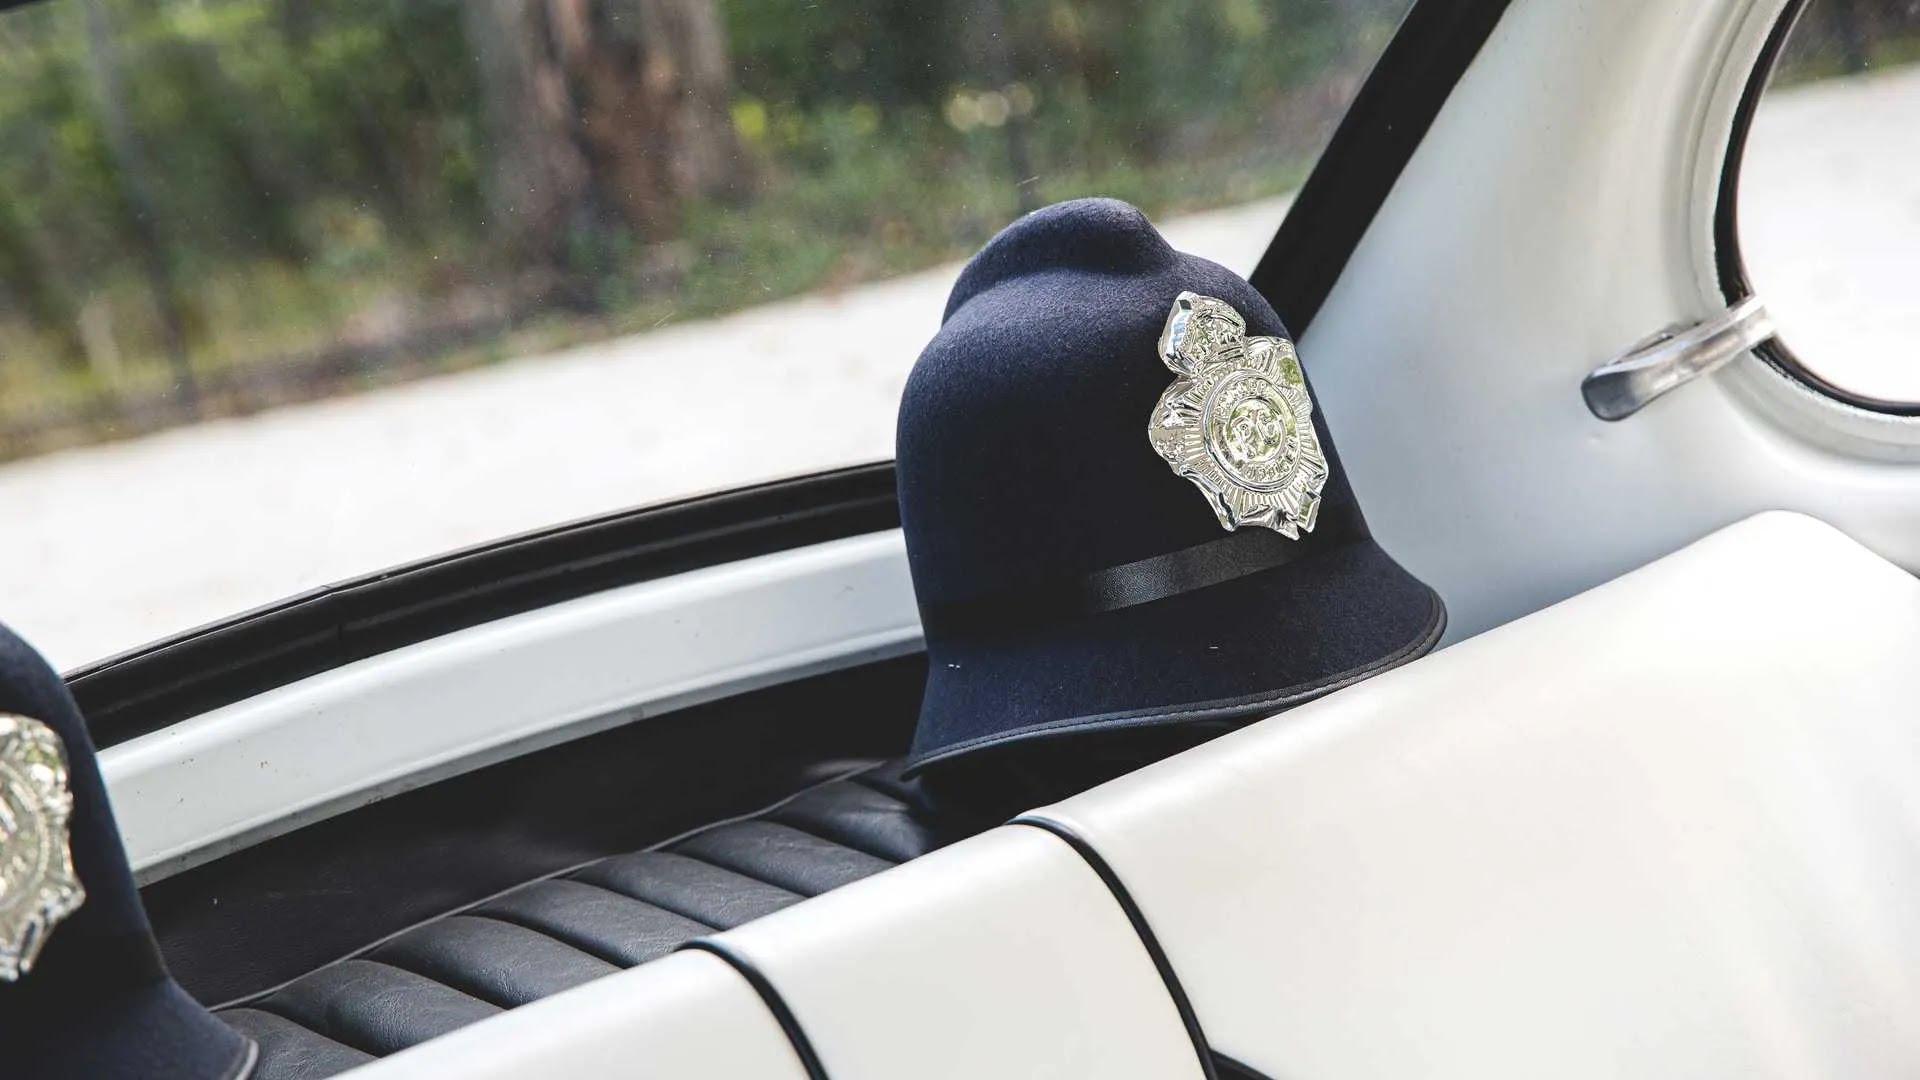 У комплекті пропонується пара поліцейських головних уборів